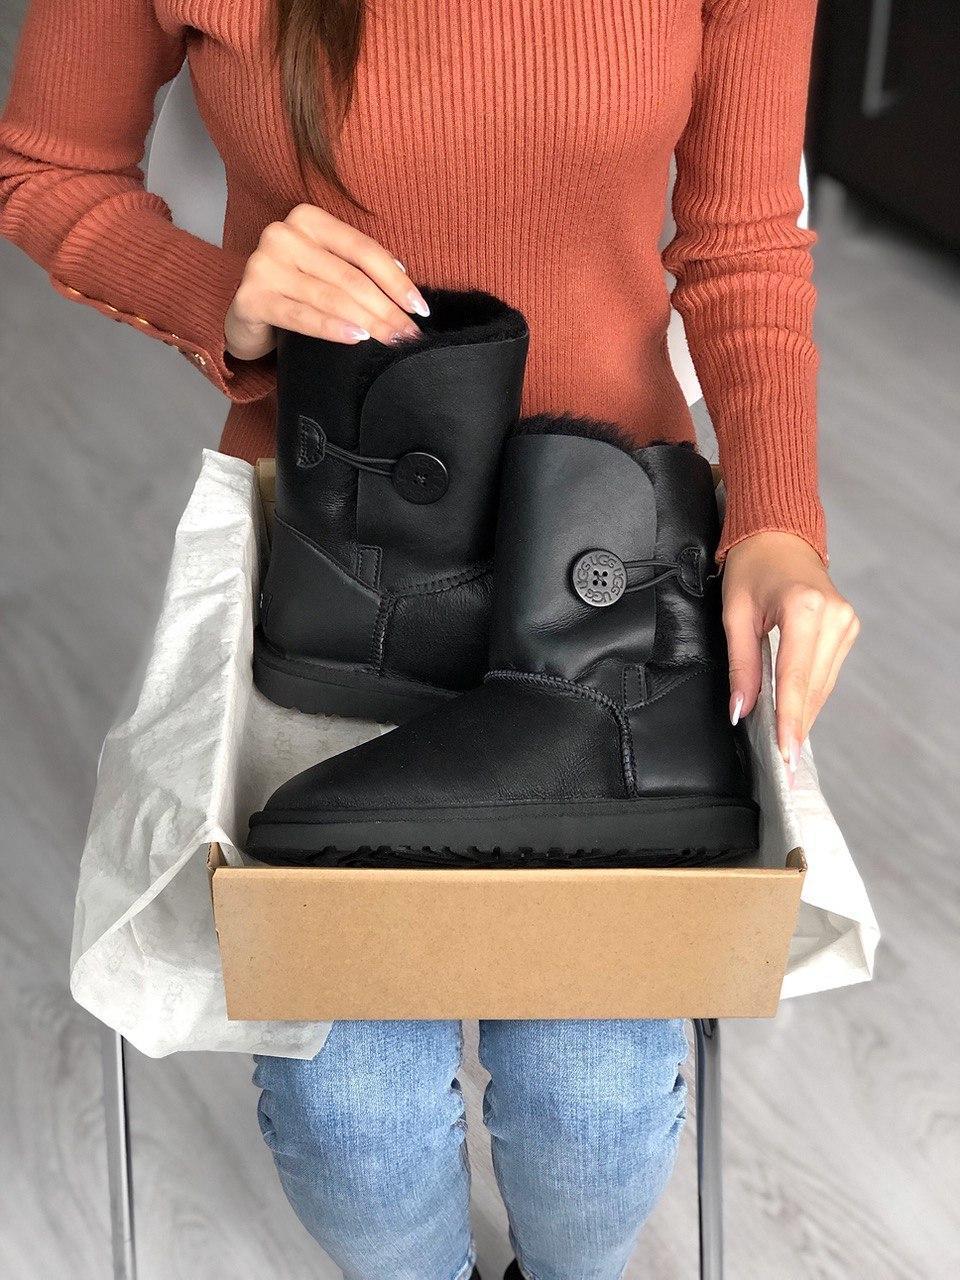 Женские Ugg Bailey Button Black черного цвета. Стильные сапоги женские зимние Угги теплые черные.